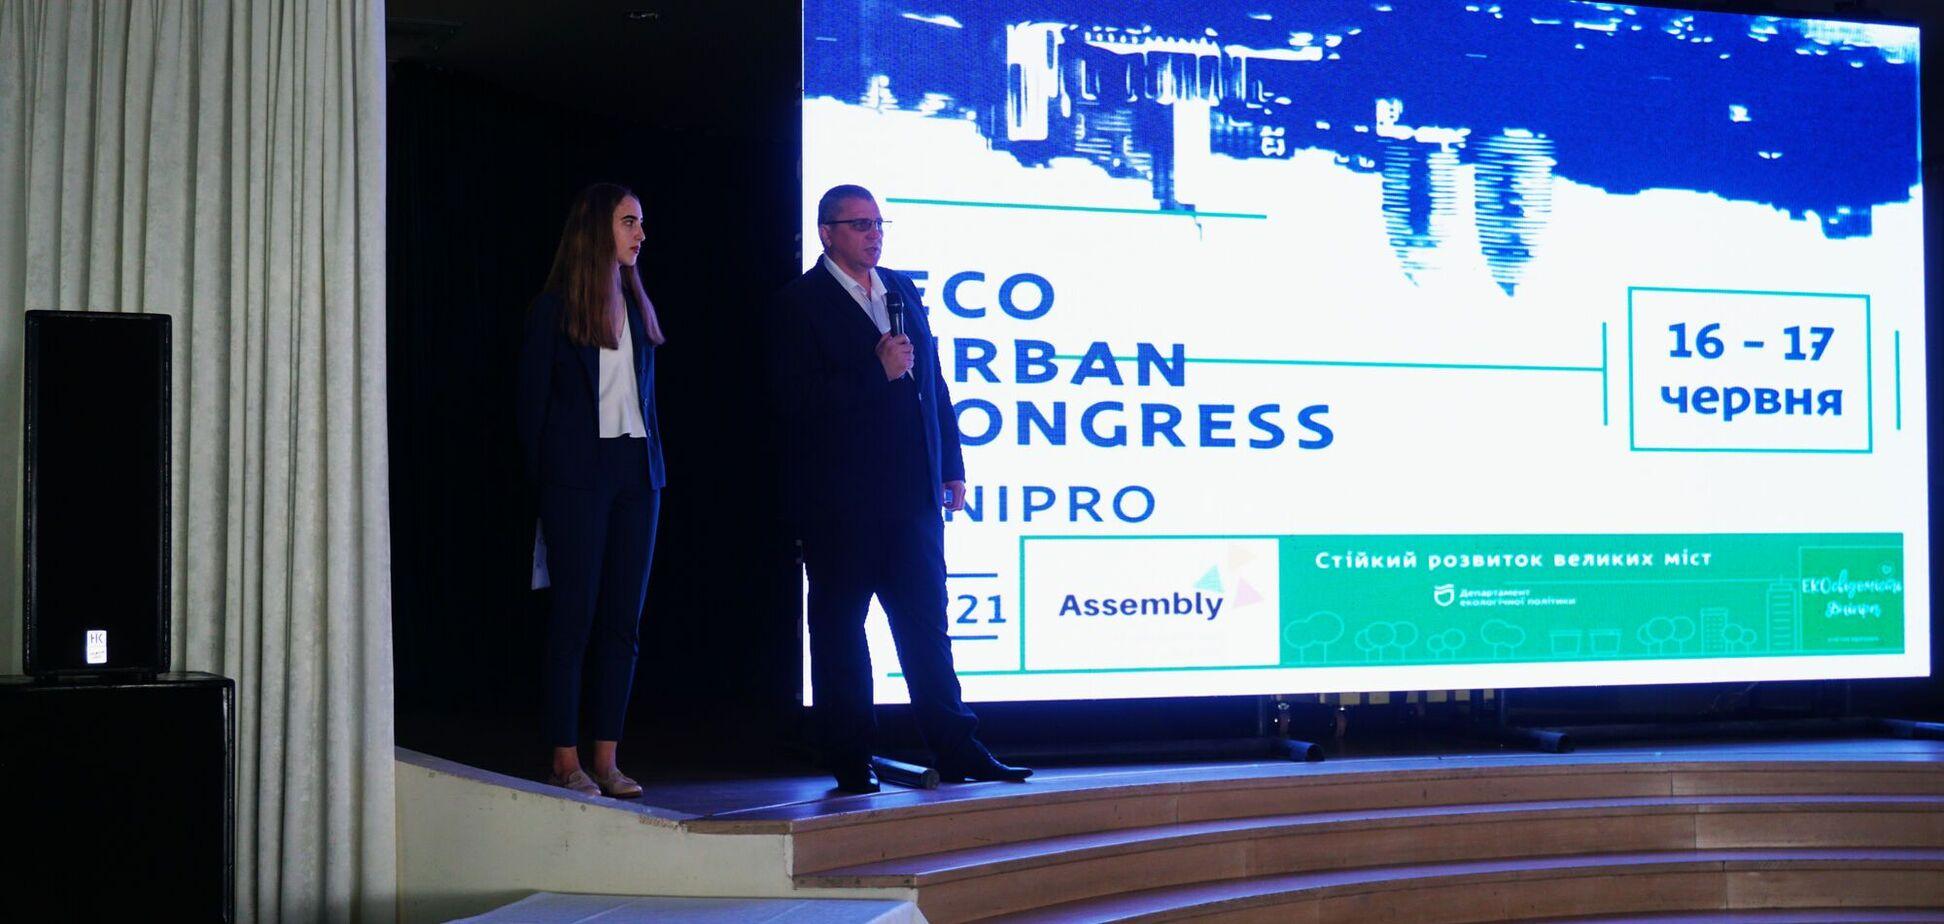 В Днепре проходит первый всеукраинский экологический форум 'Eco Urban Congress'